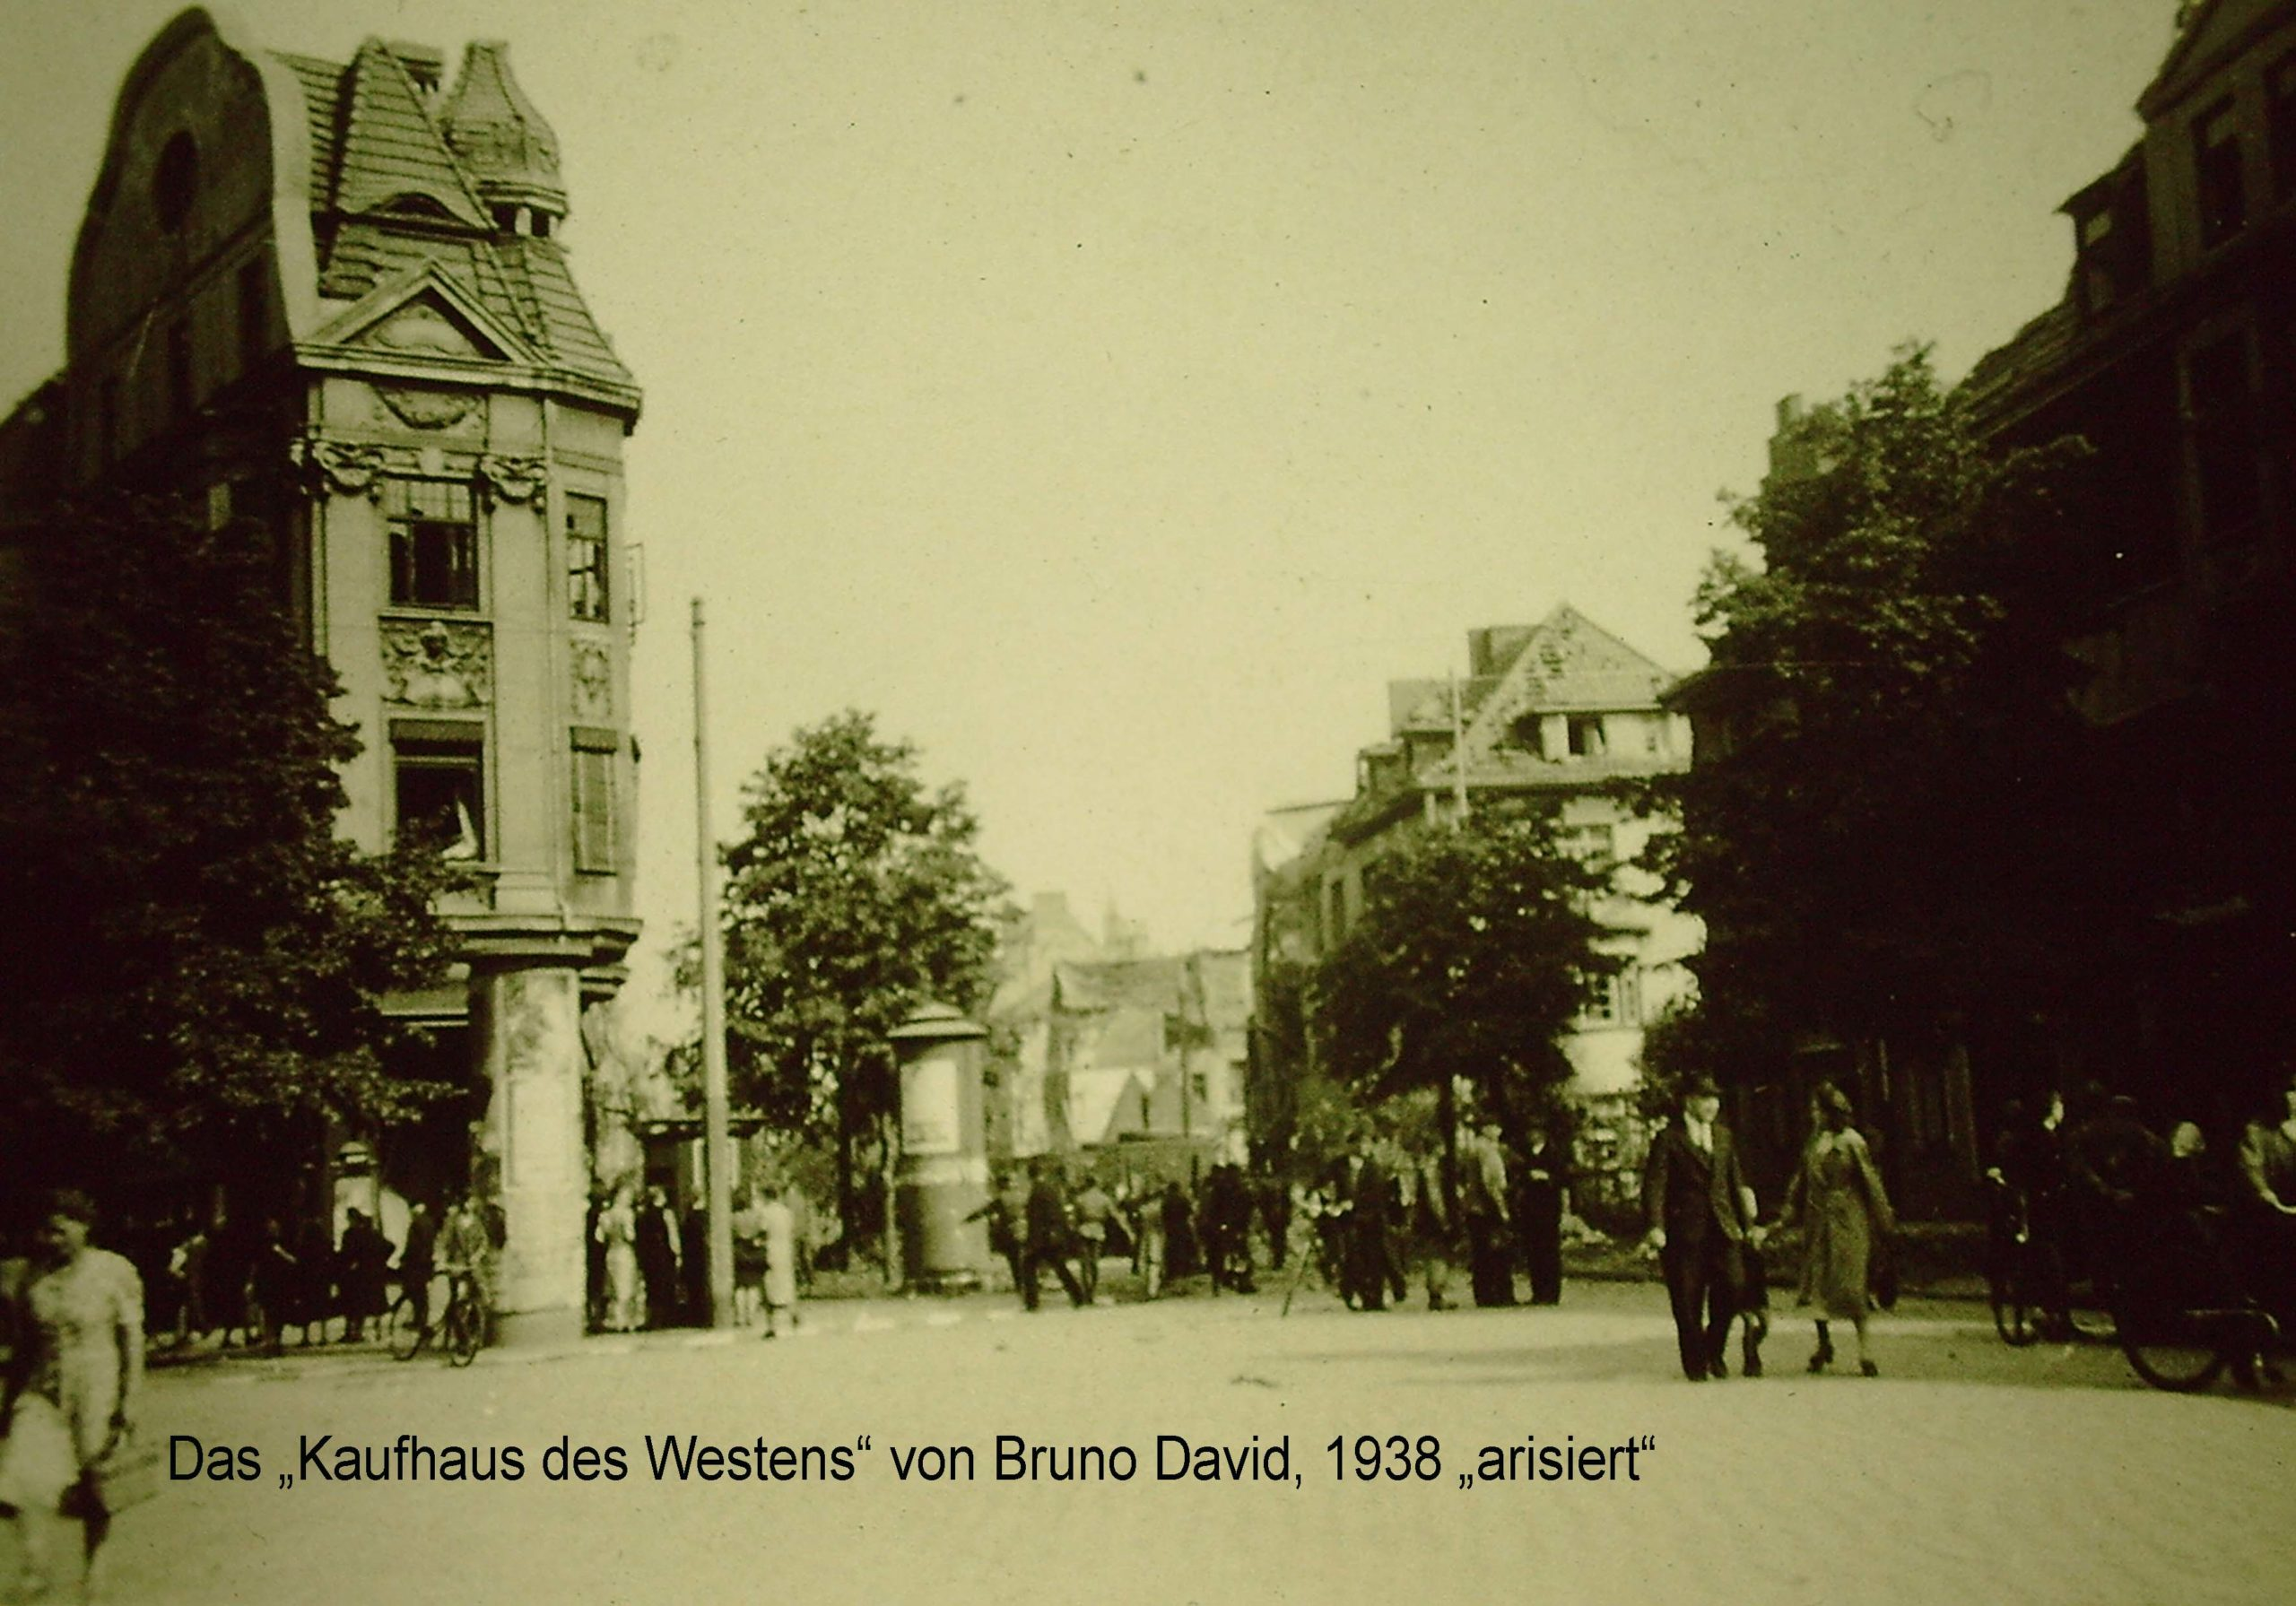 Kaufhaus des Westens von Bruno David 1938